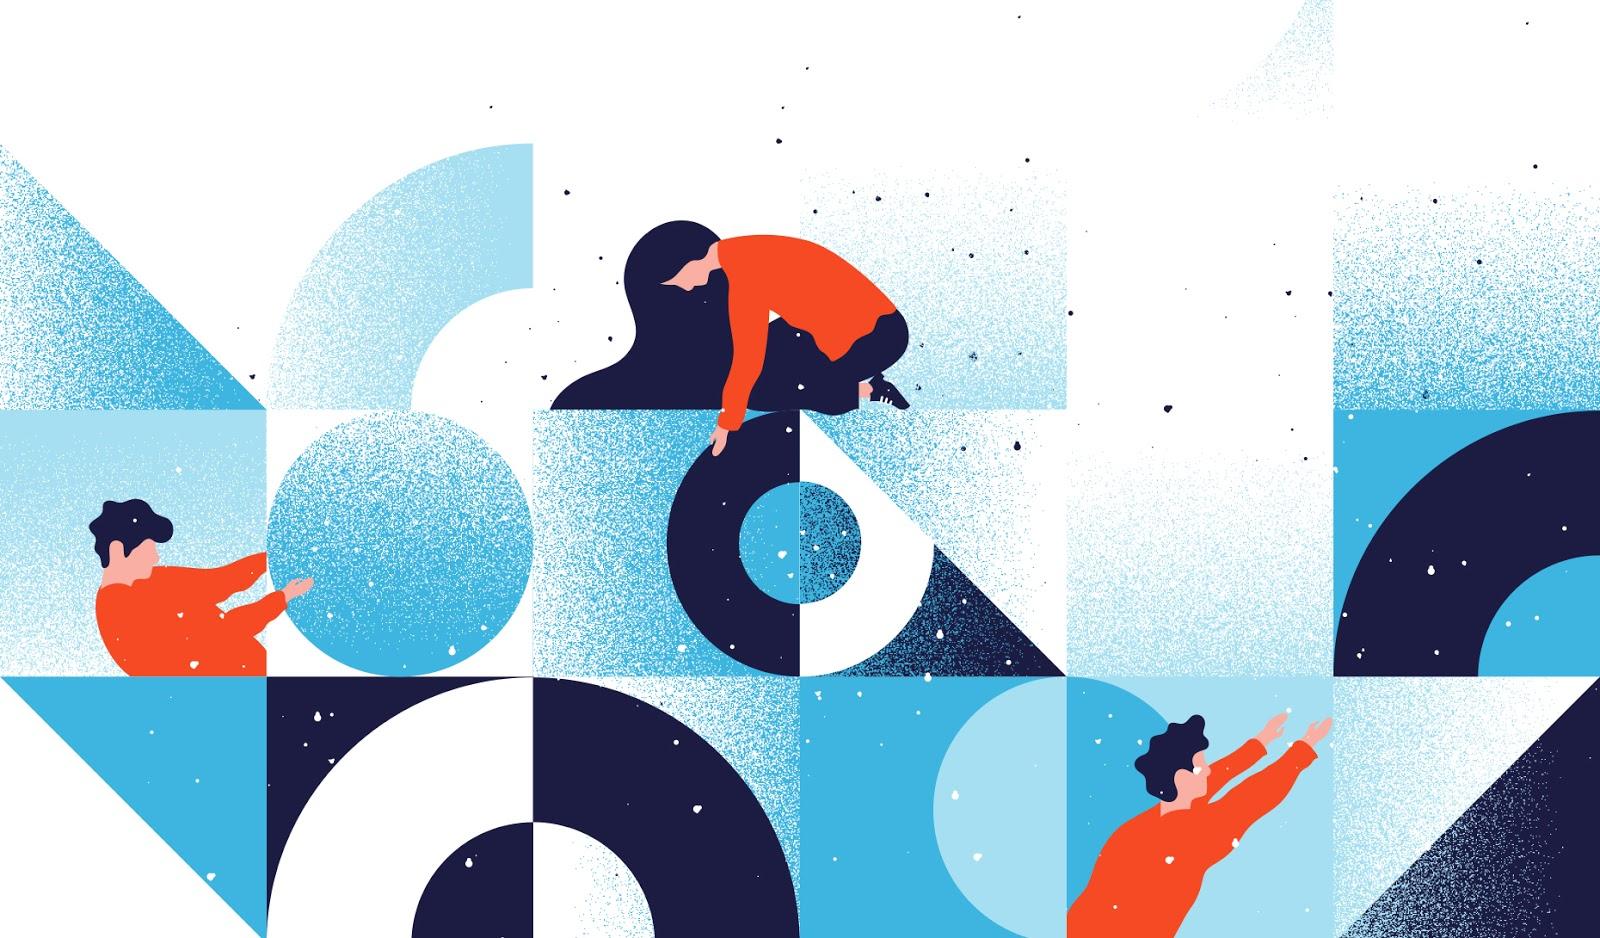 """Современная абстрактная иллюстрация с изображением графики, вдохновленной дизайном Мемфиса """"width ="""" 1600 """"height ="""" 938"""